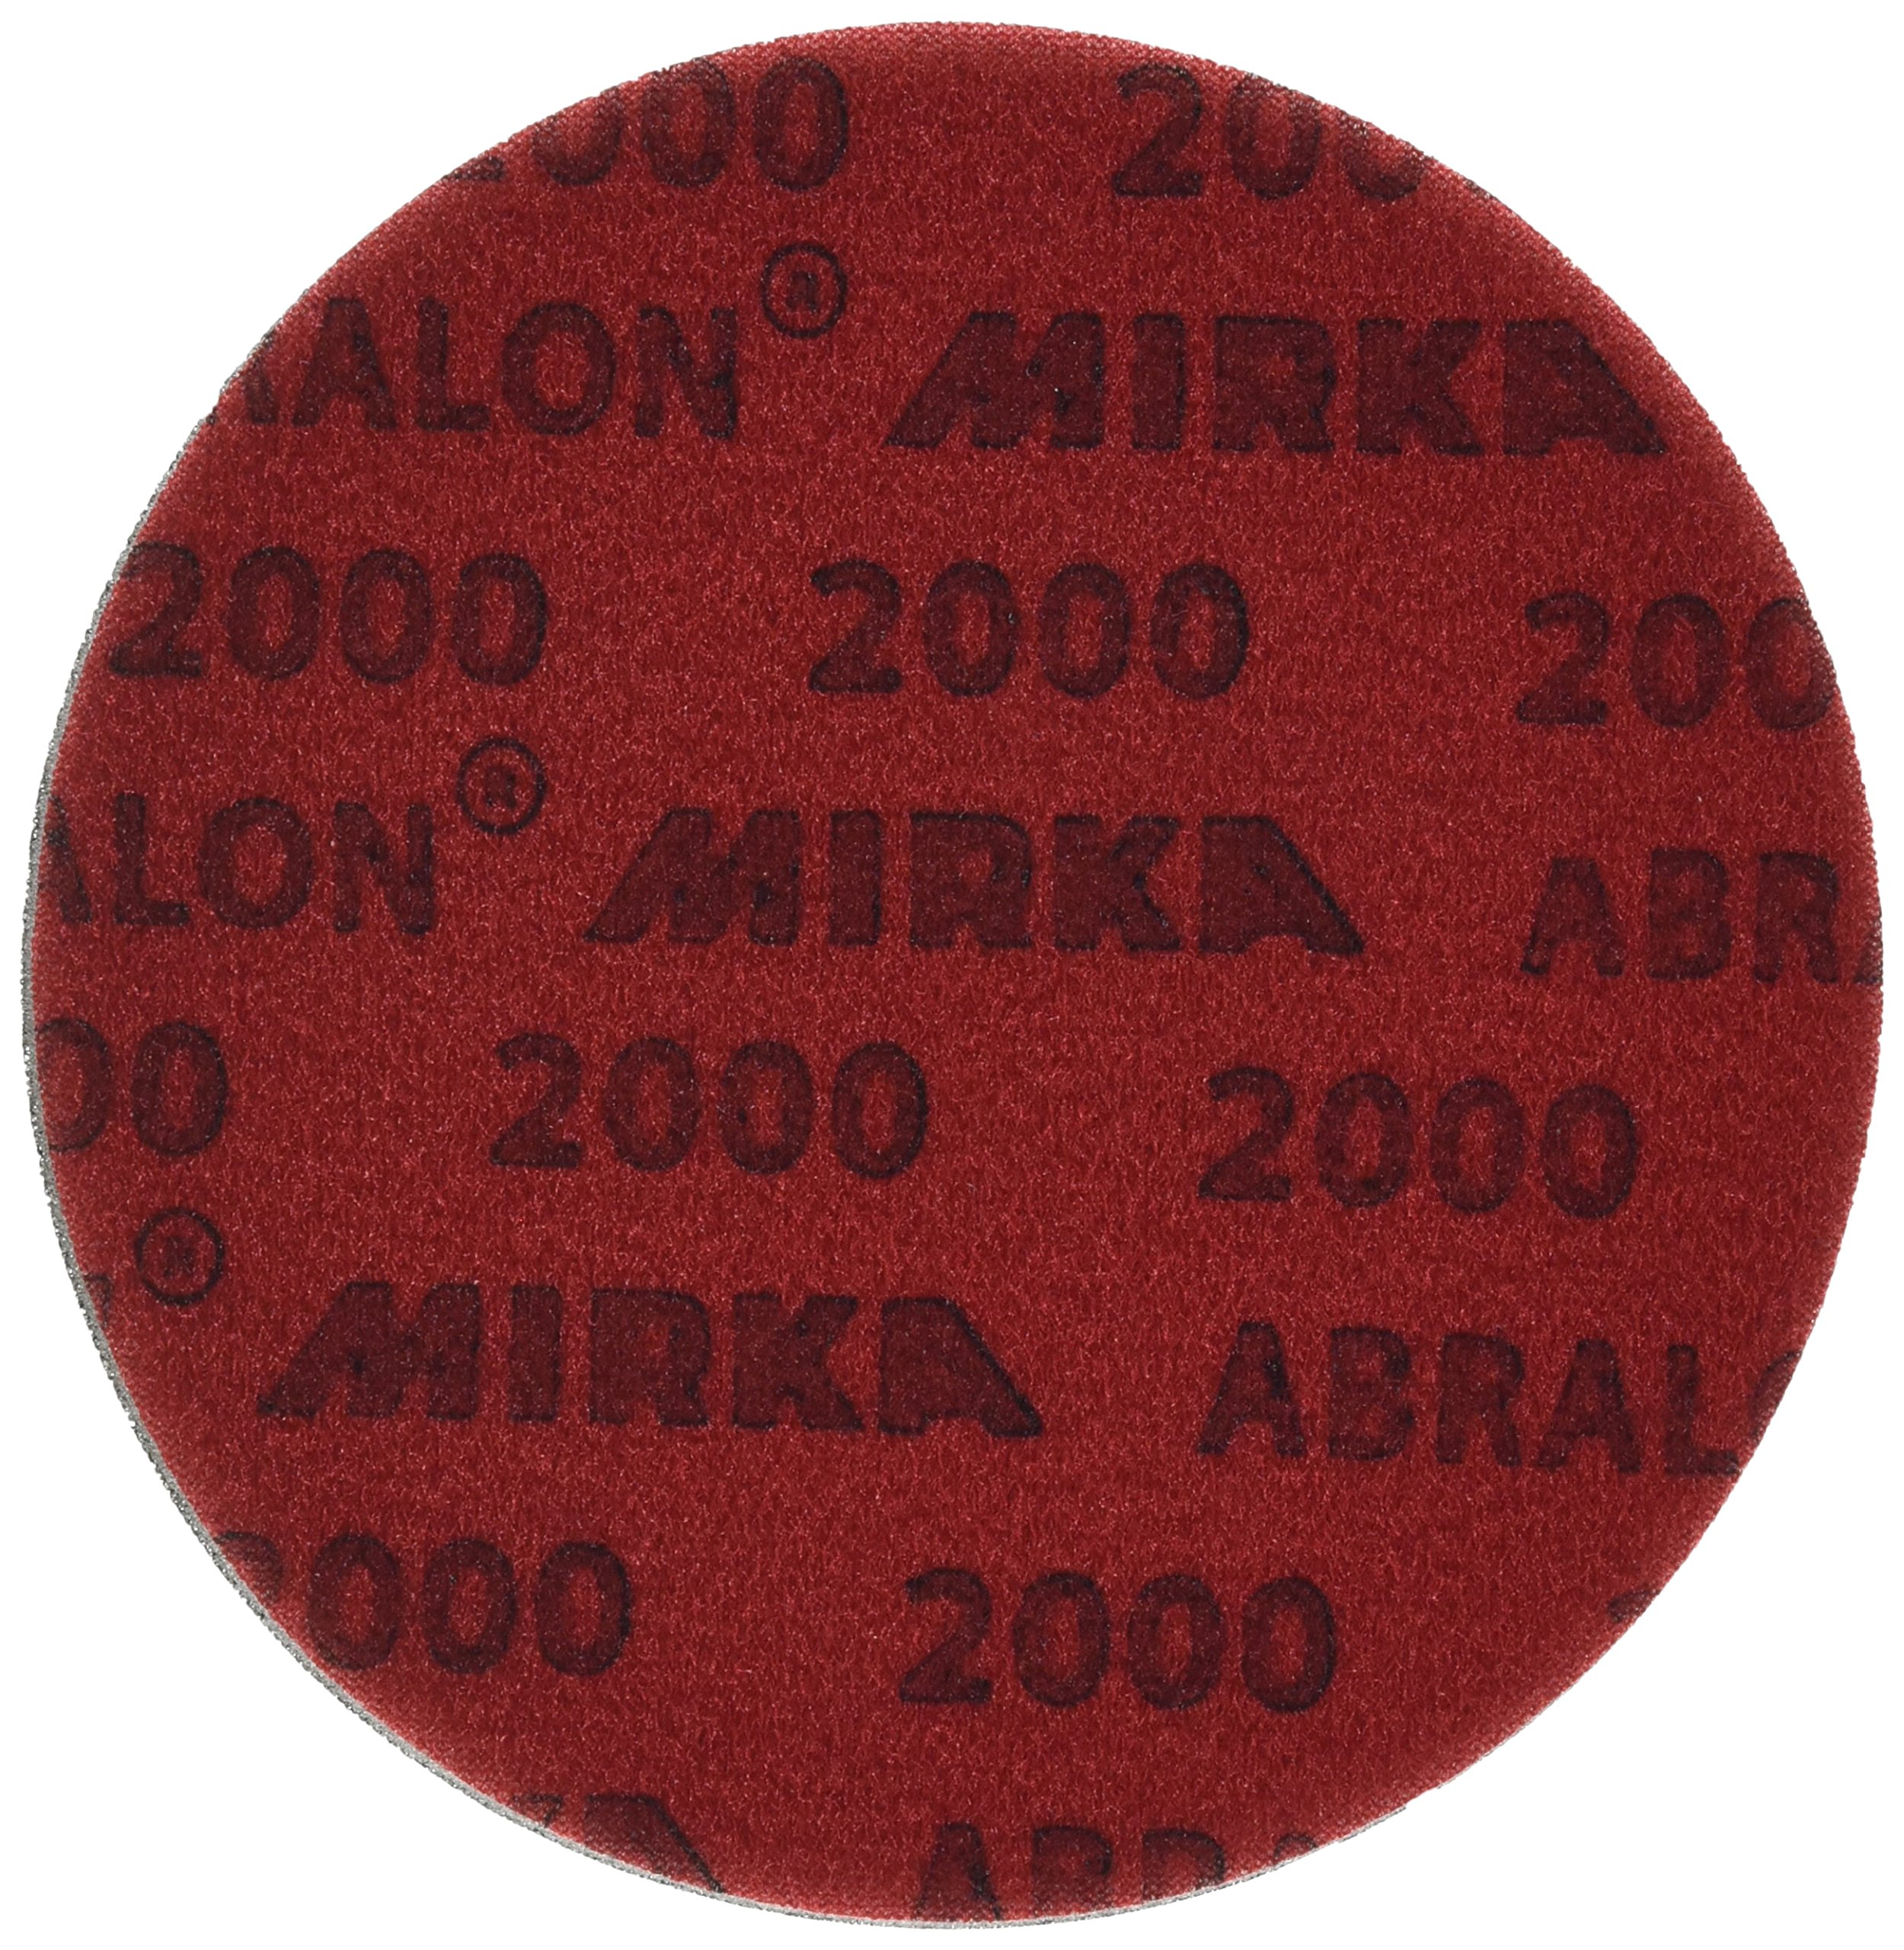 Mirka 8A-241-2000 Abralon 2000 Grit Foam Backed Velcro Hook Polishing & Buffing Discs, 6 Inch, 20 Discs by Mirka